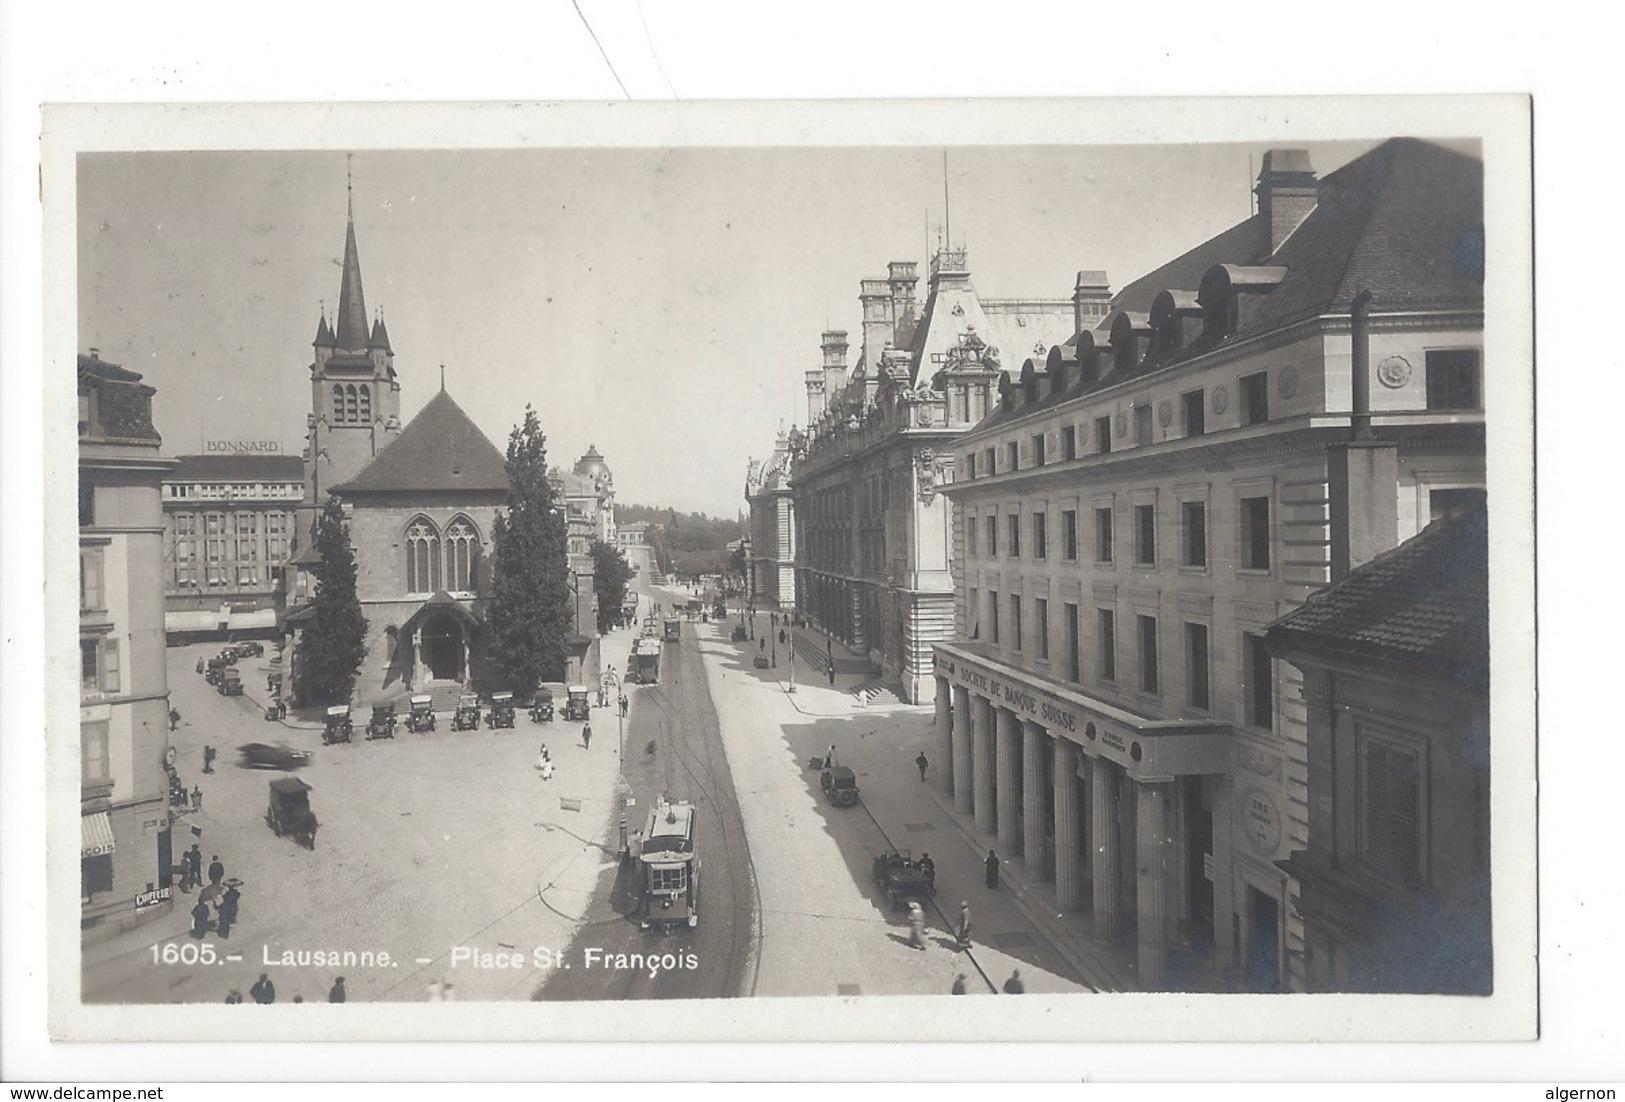 21313 - Lausanne Place St. François  Tram - VD Vaud